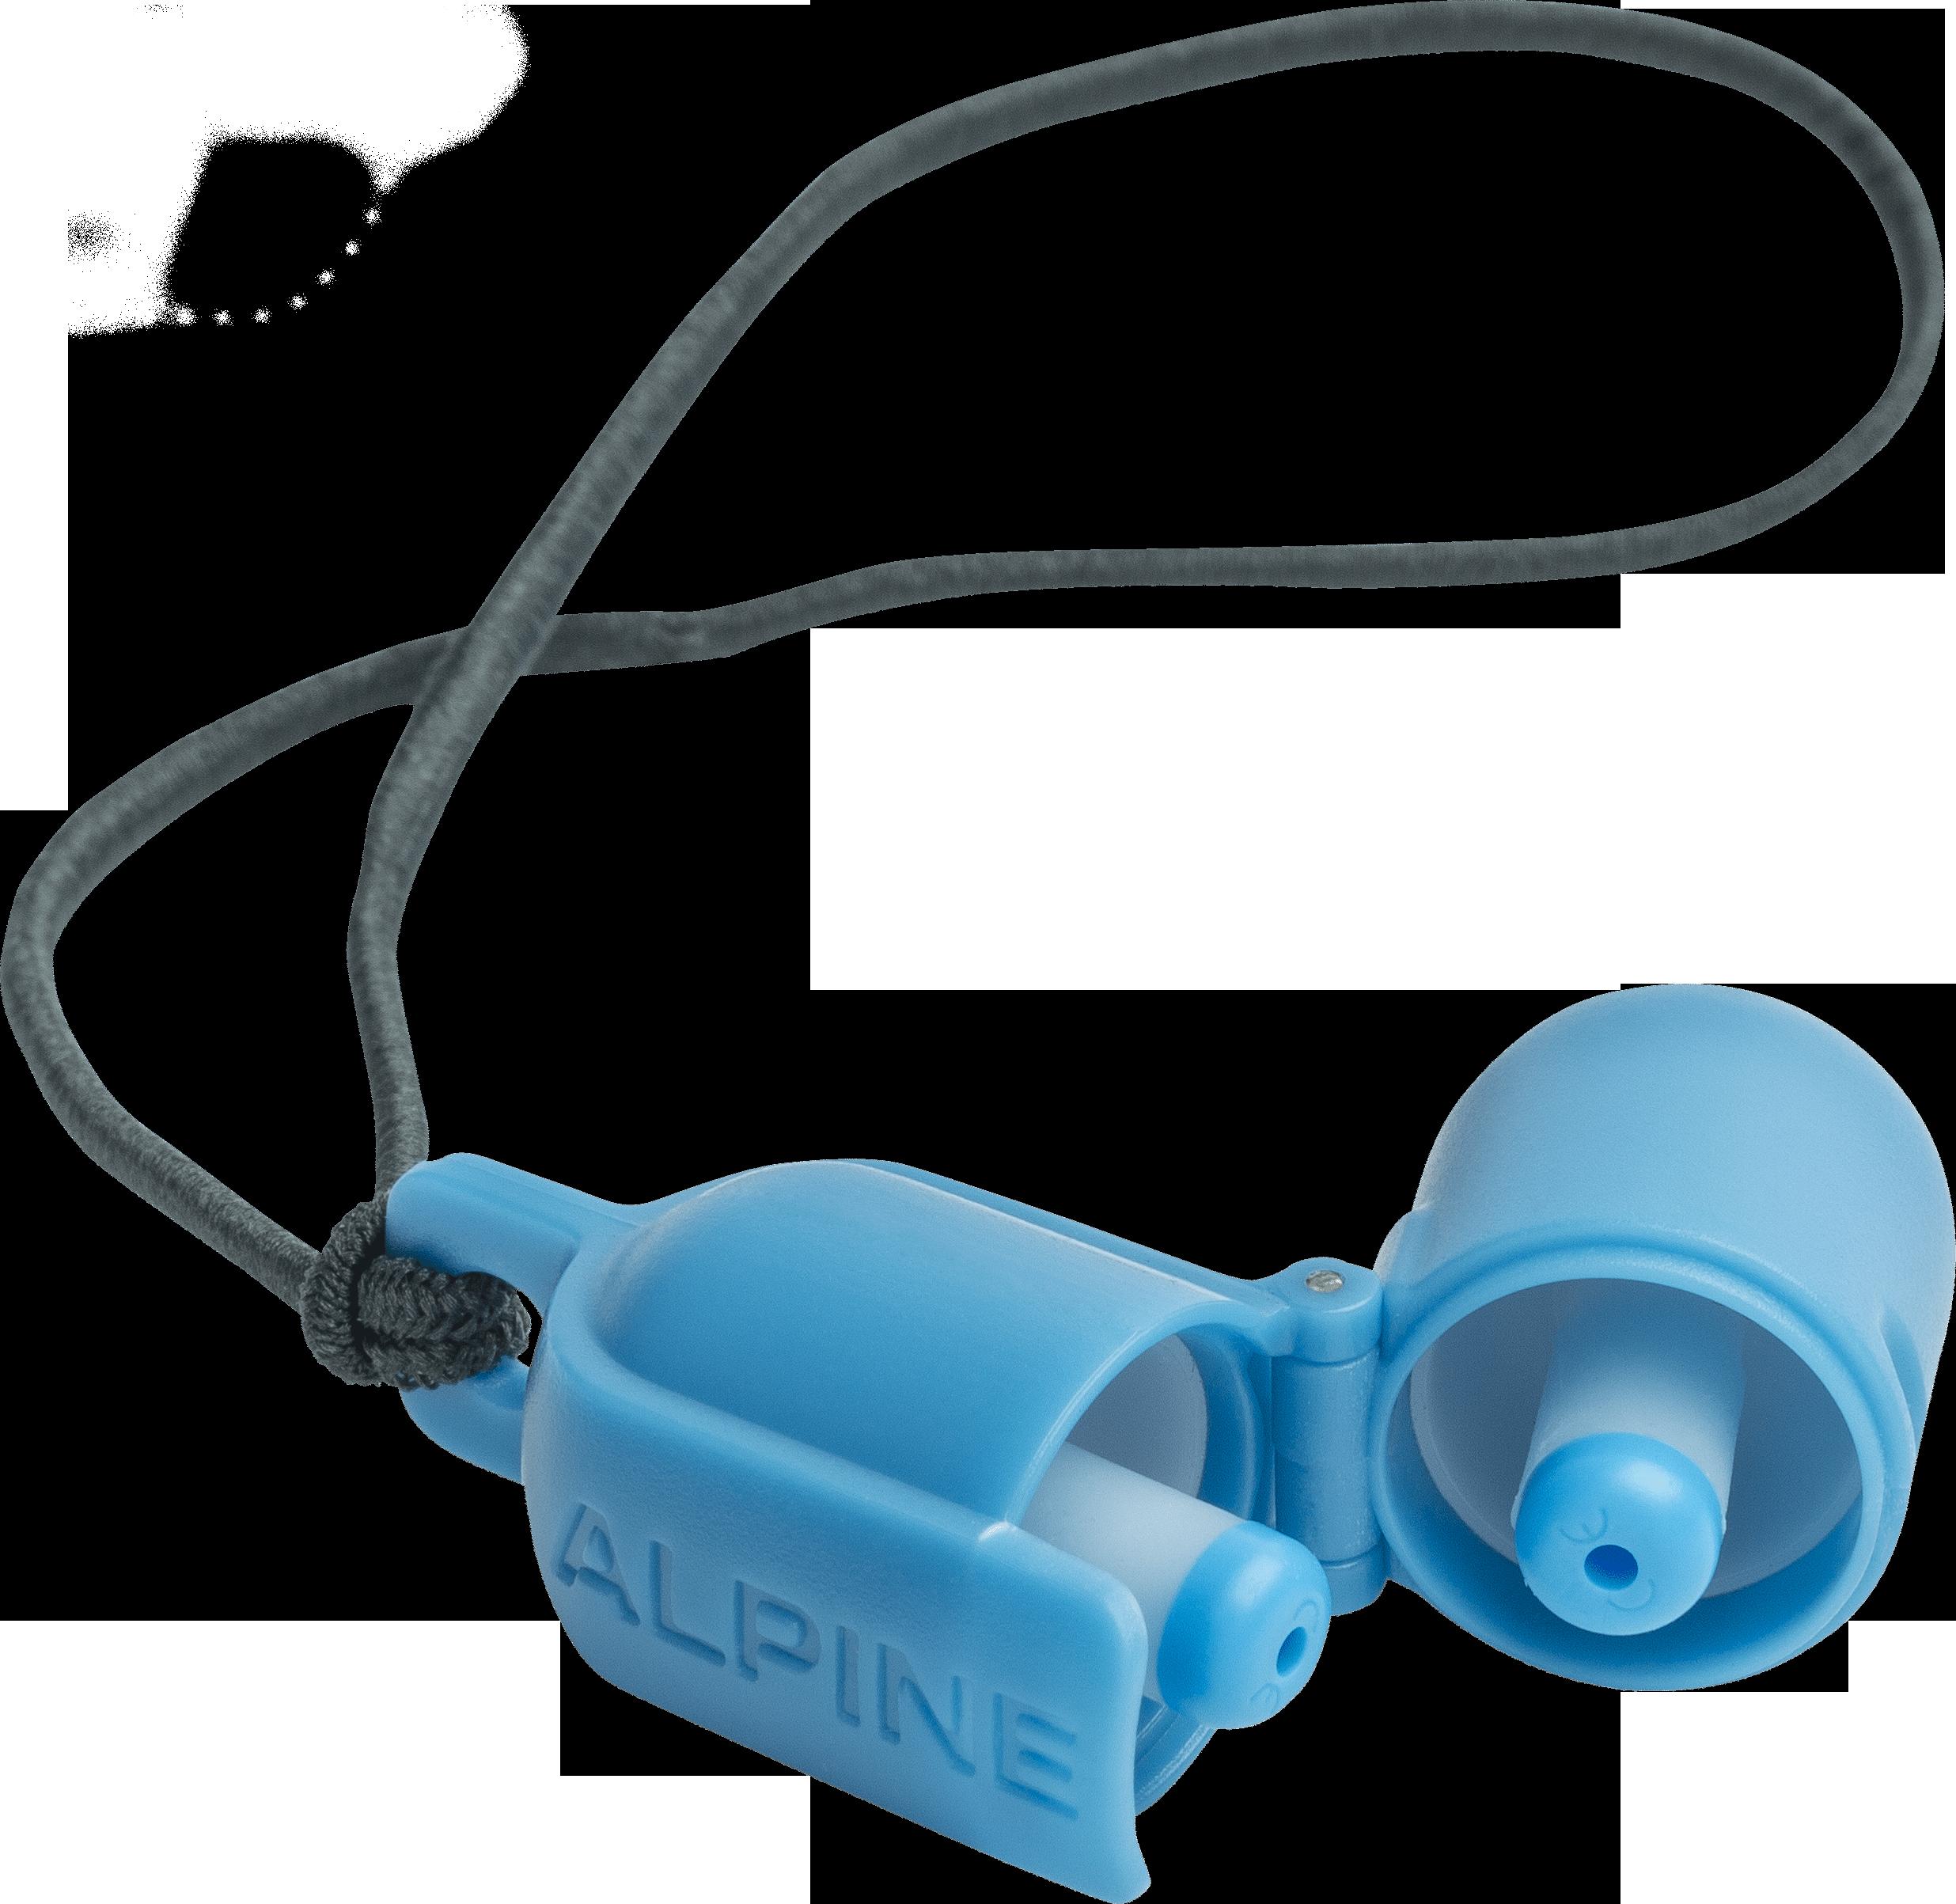 Alpine-Miniboxx-SwimSafe